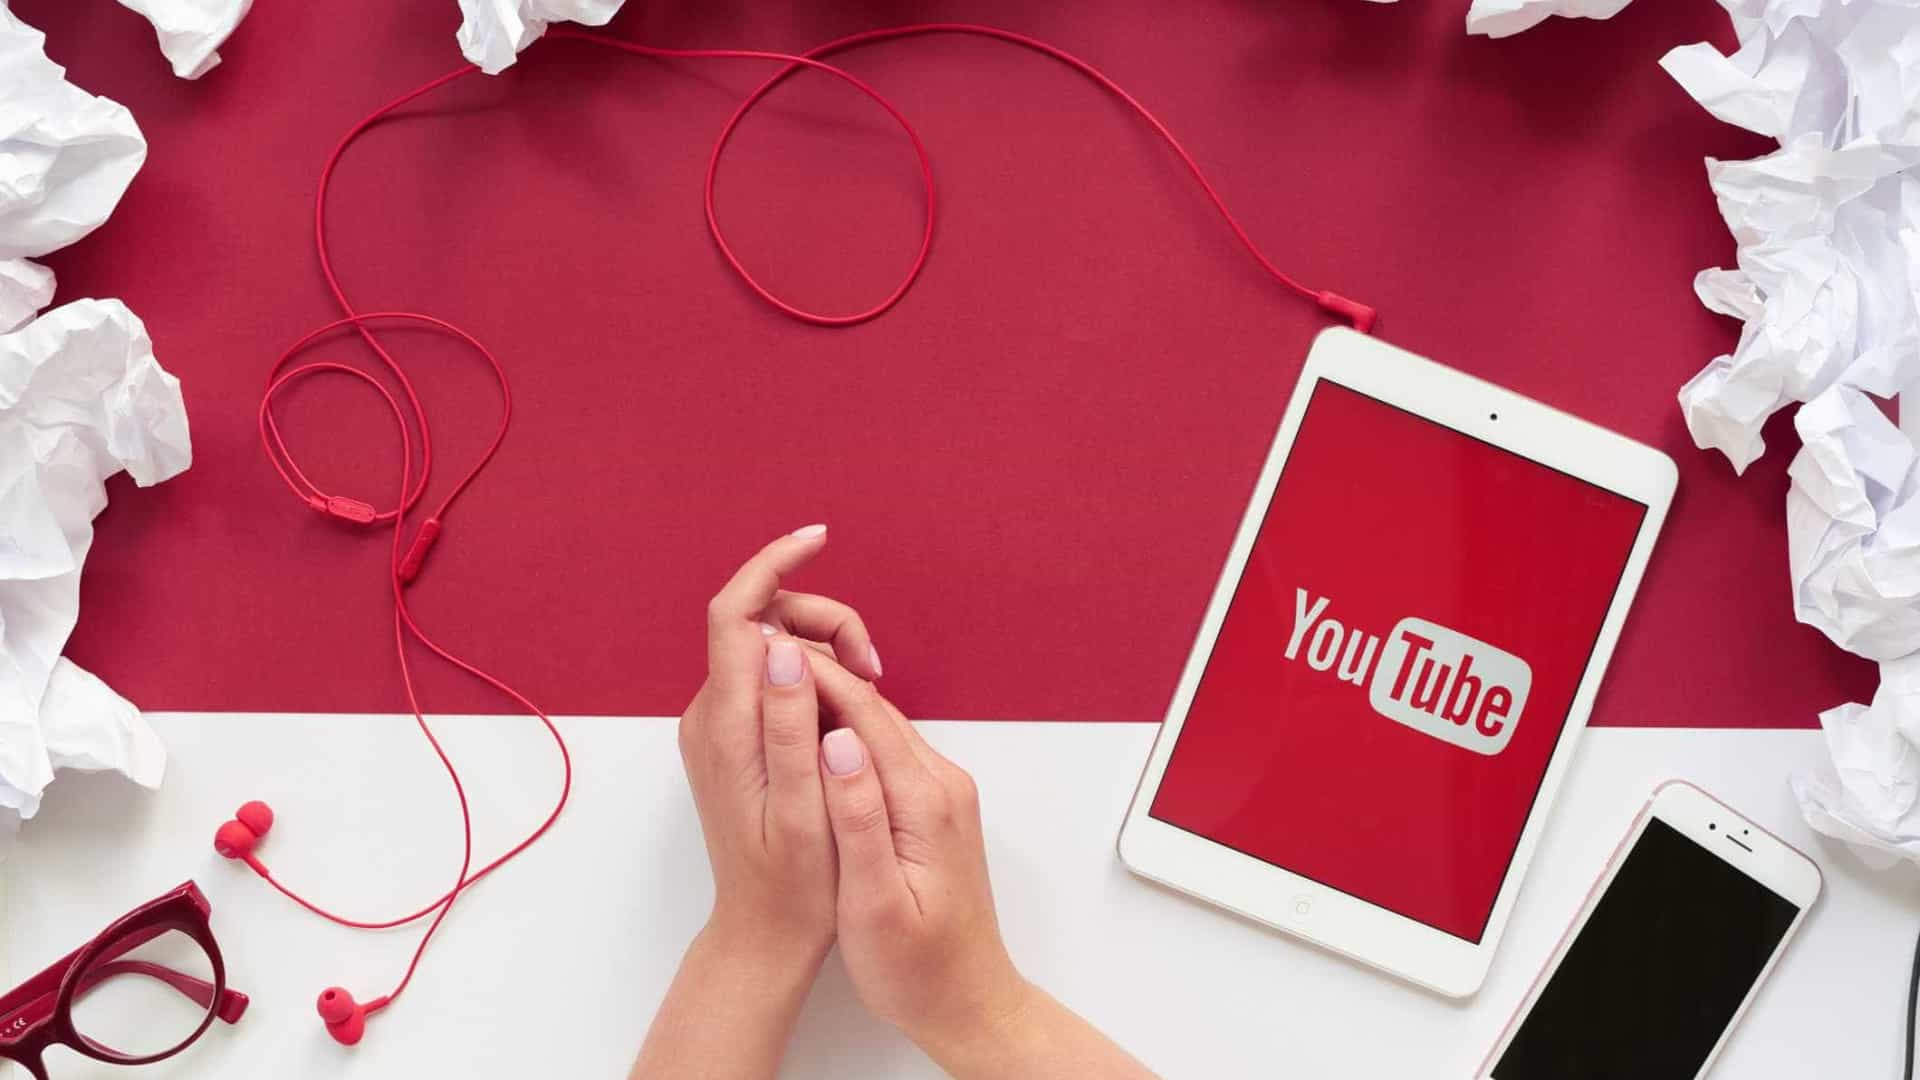 YouTube está a mostrar vídeos de conspiração a crianças